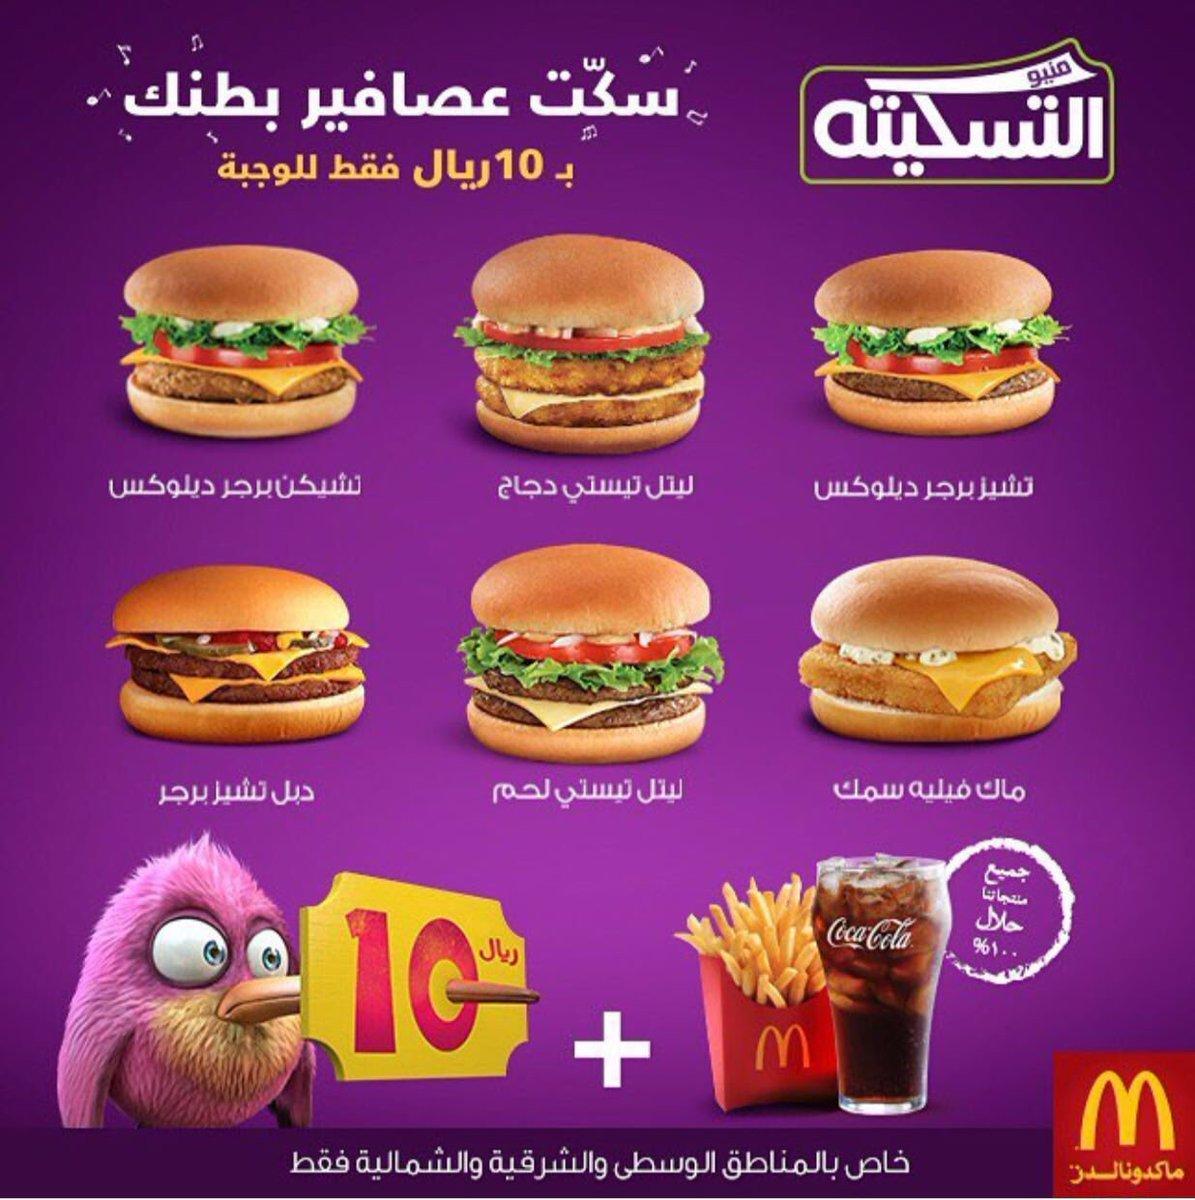 ماكدونالدز السعودية الوسطى والشرقية والشمالية على تويتر منيو التسكيته ما يشمل الماك عربي